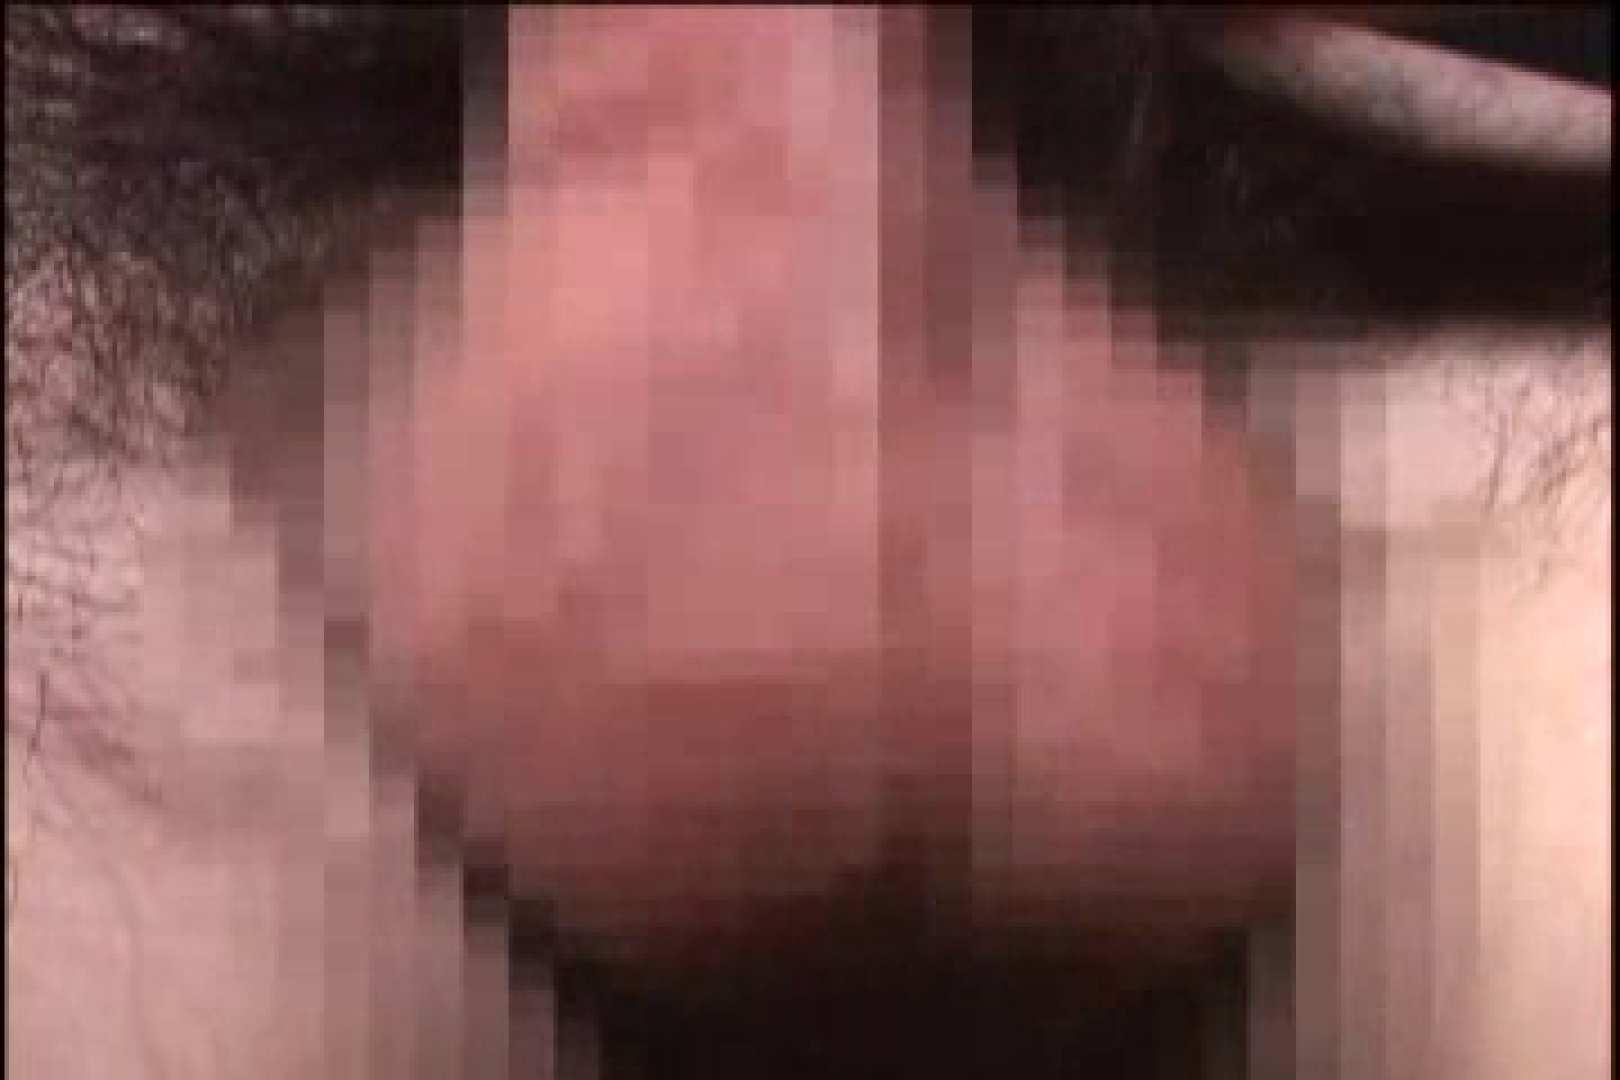 大集合!!カッコ可愛いメンズの一穴入根!! vol.10 エッチ ゲイ精子画像 101枚 69